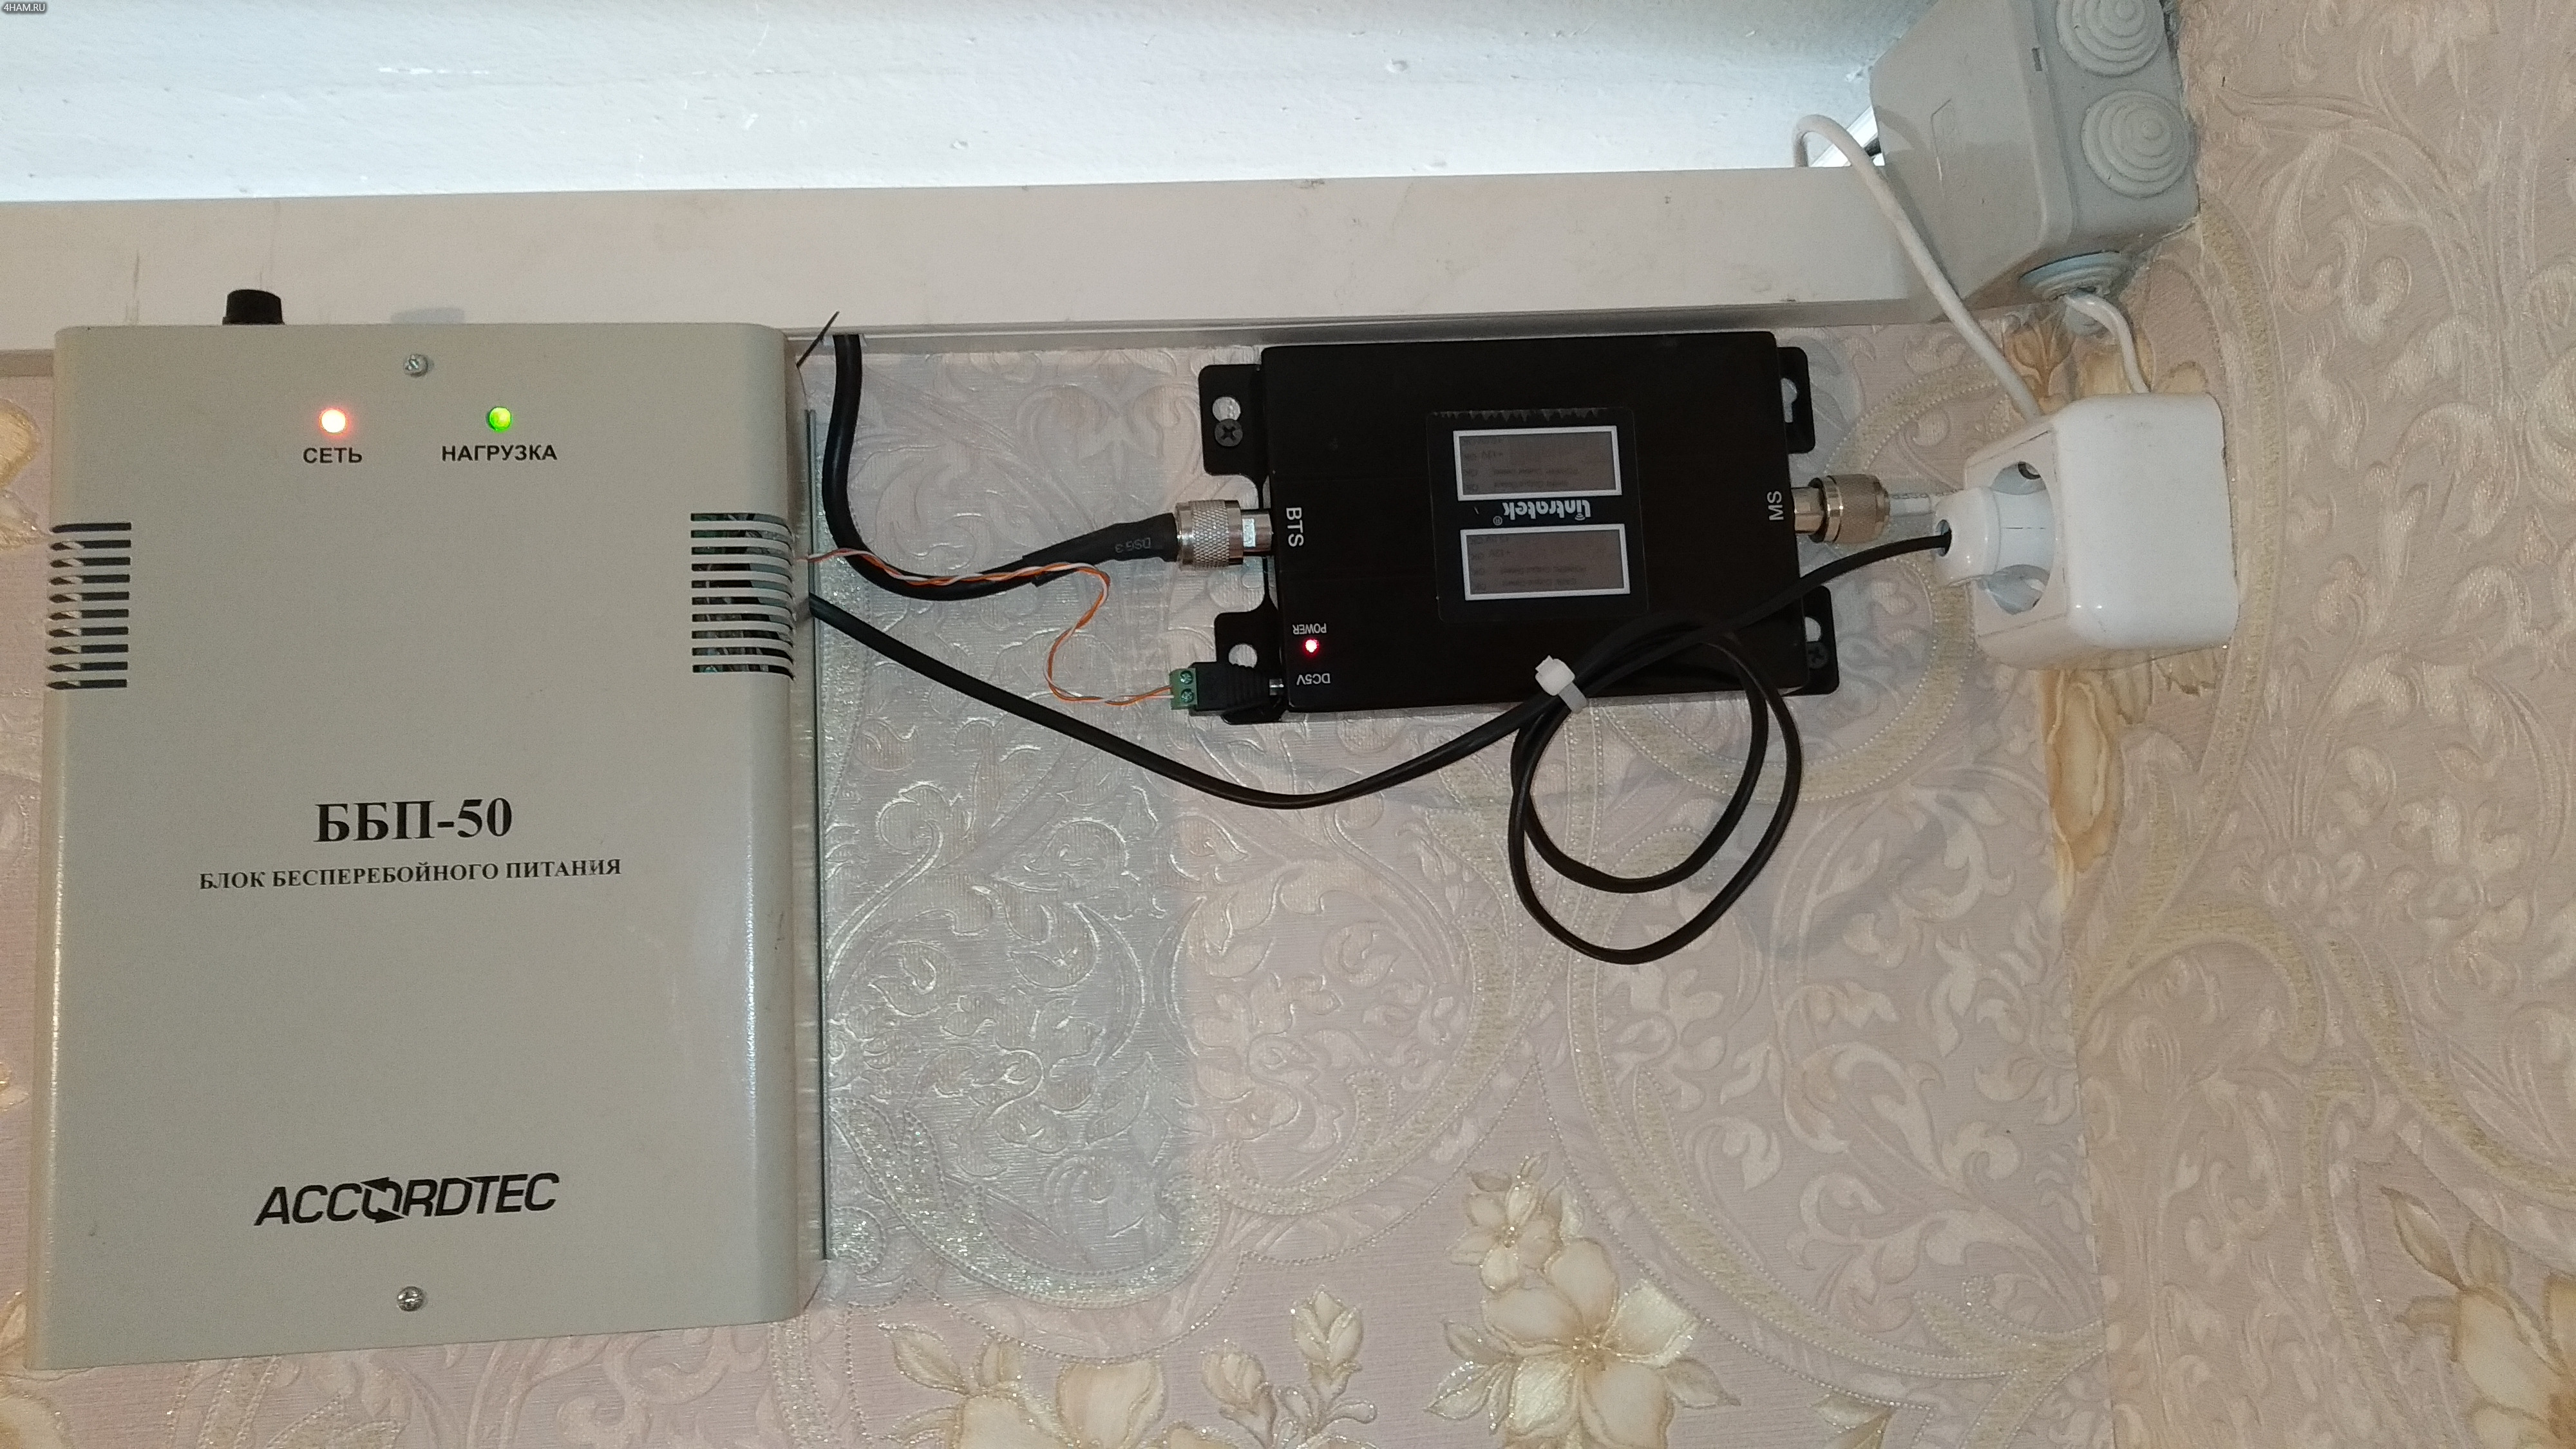 Установленный GSM репитер и ББП